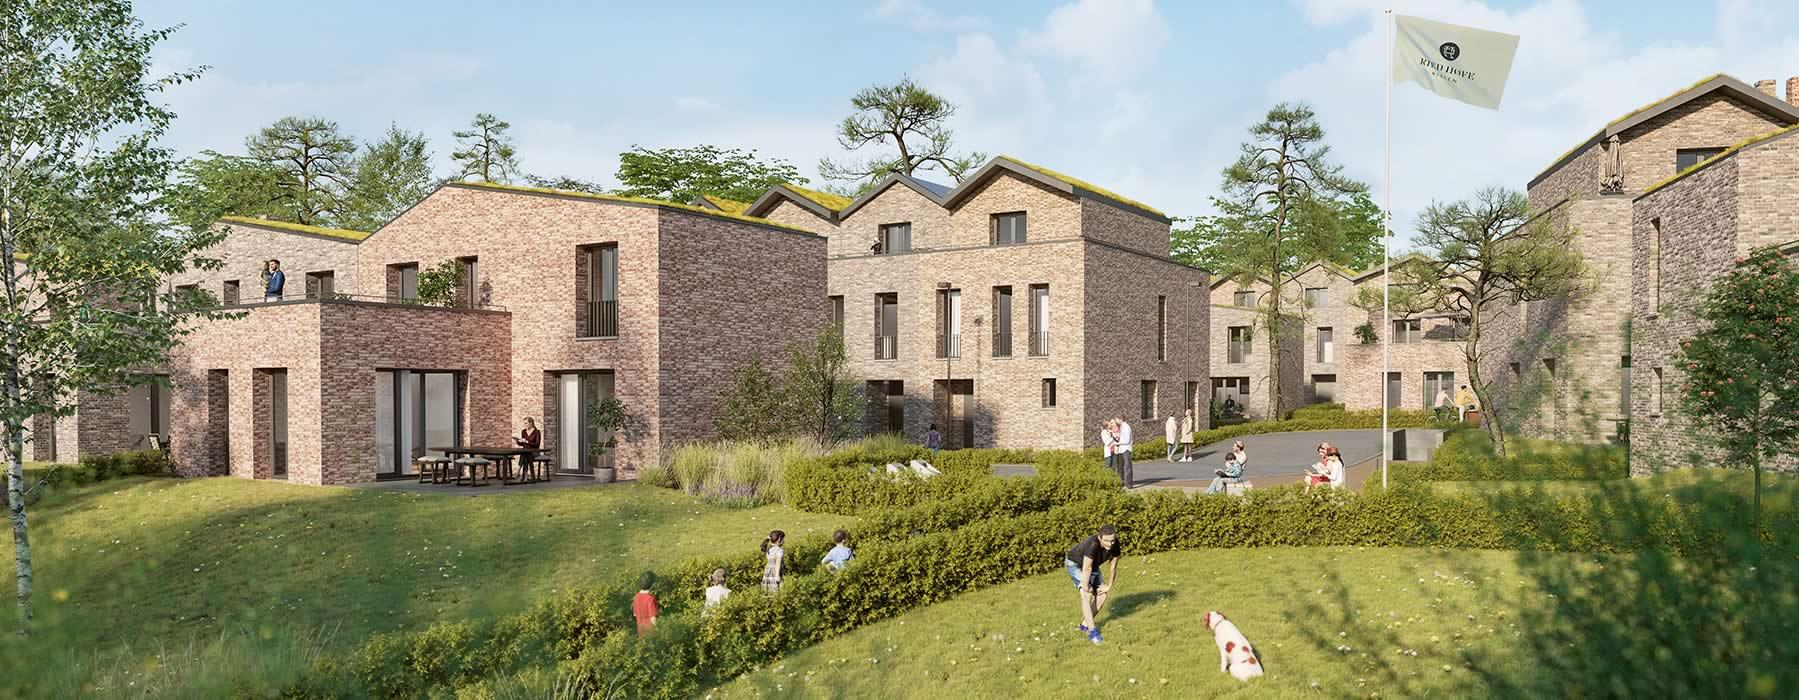 Einfamilienhäuser und Stadthäuser - die Immobilien in Rissens Ried Höfen